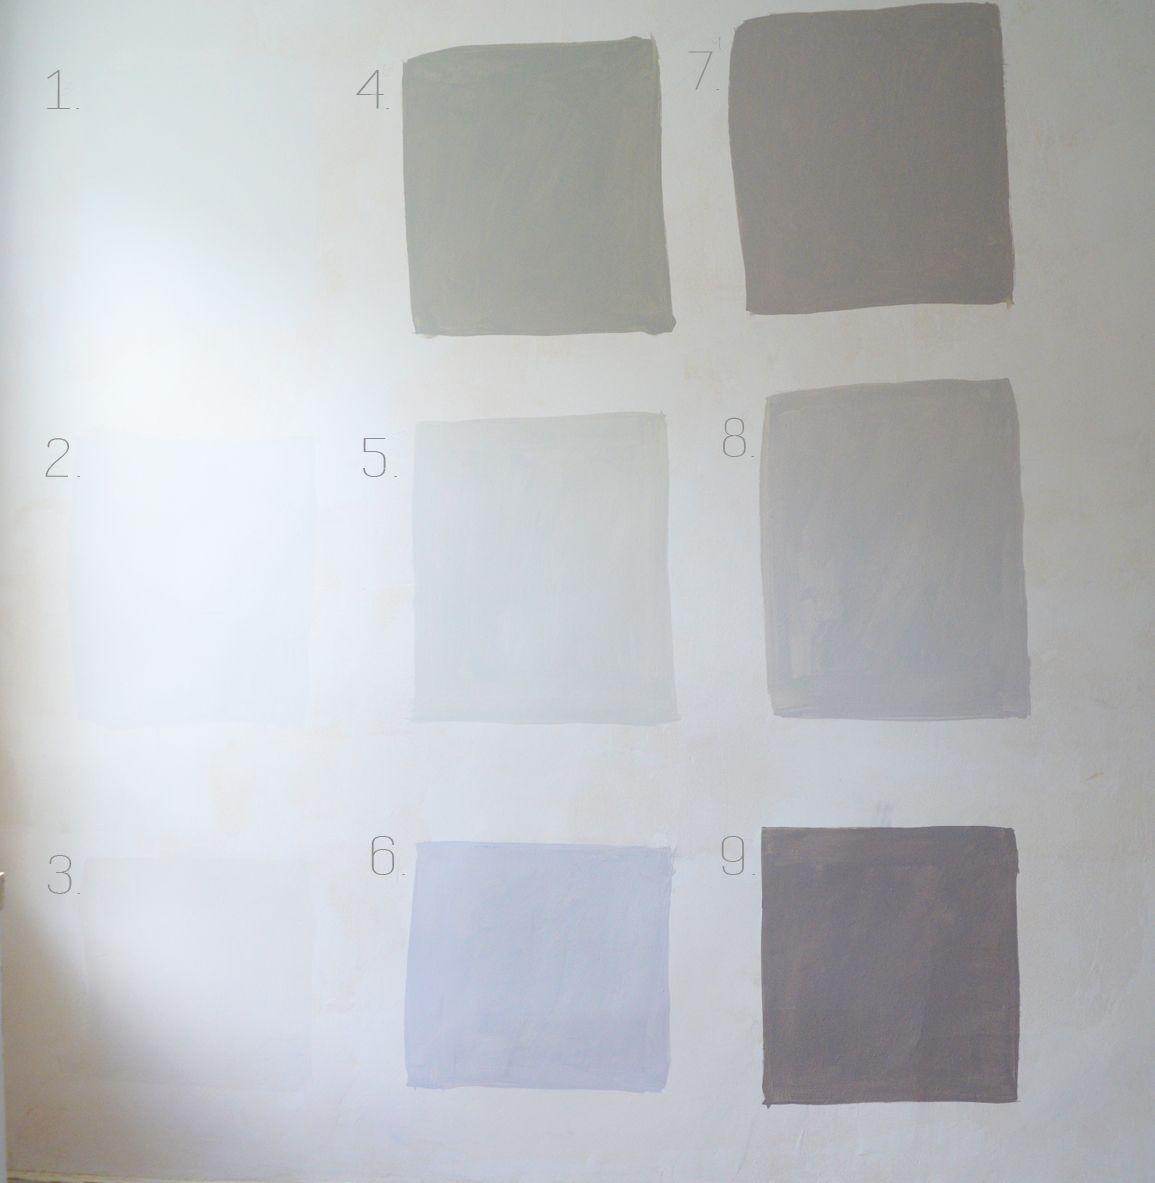 1 Misty Gray 2 Tundra 3 Silver Satin 4 Sea Haze 5 Gray Owl 6